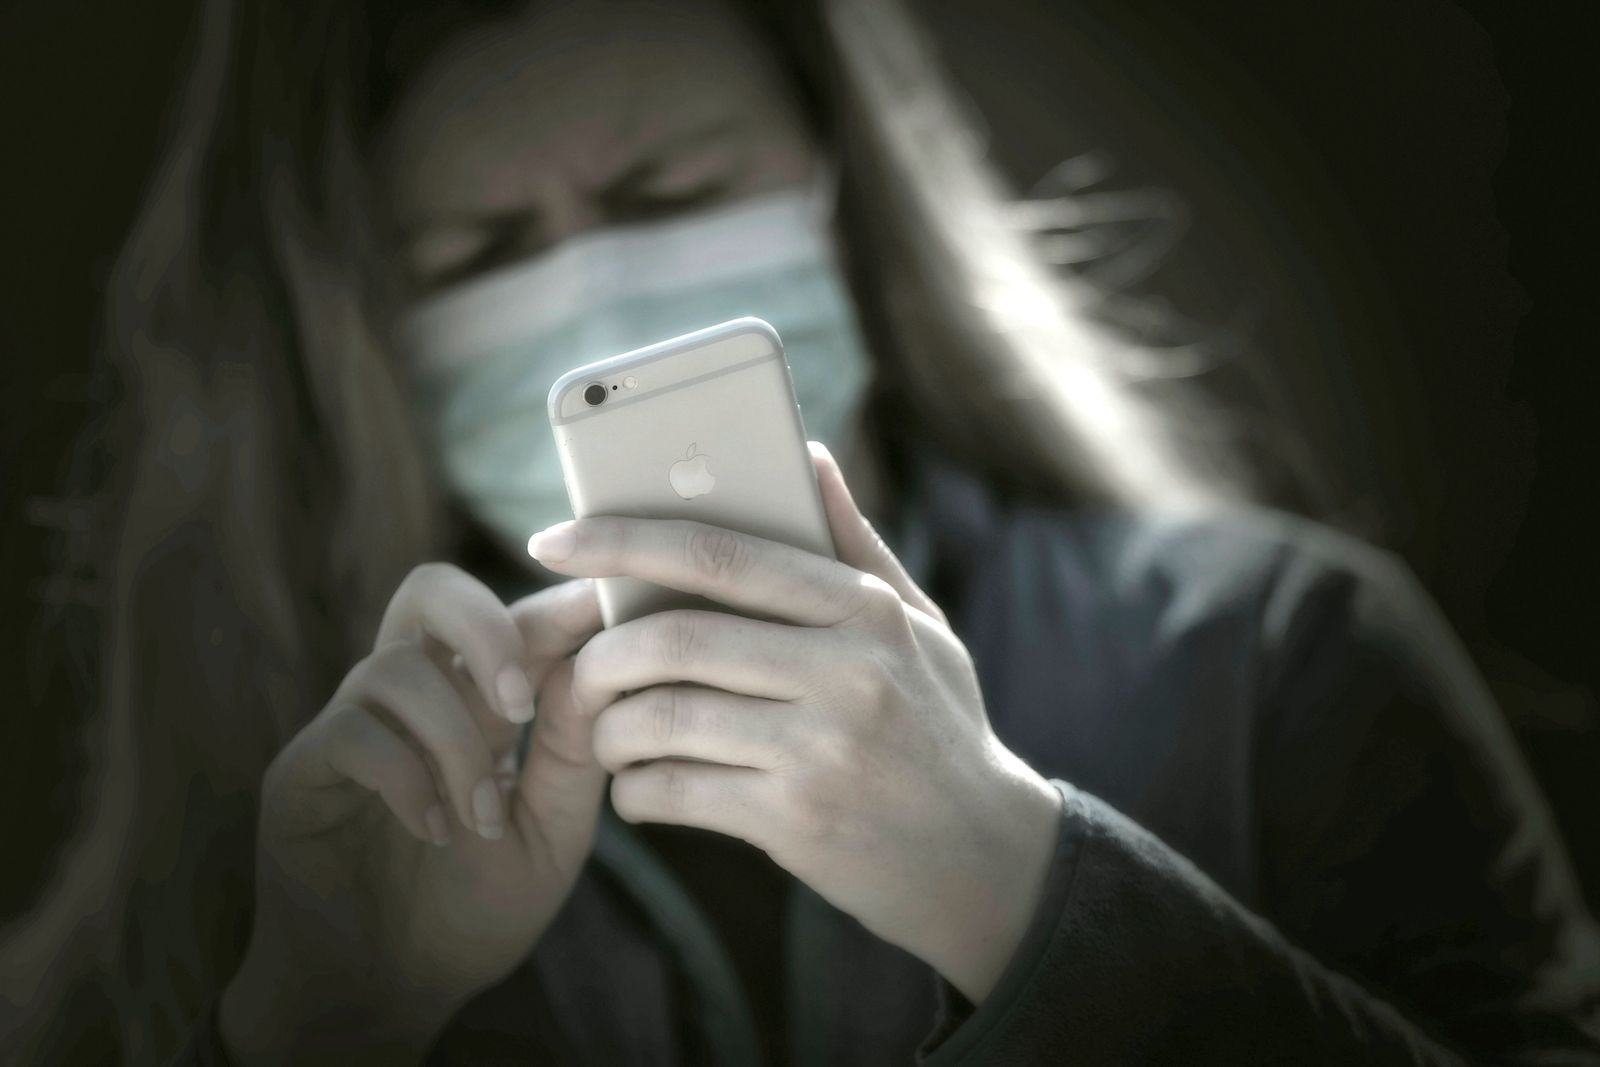 08.04.2020, Symbolbild, Corona-Krise, Frau schaut auf ihr Handy mit Gesichtsmaske. 08.04.2020, Corona-Krise Handy-Nutzu